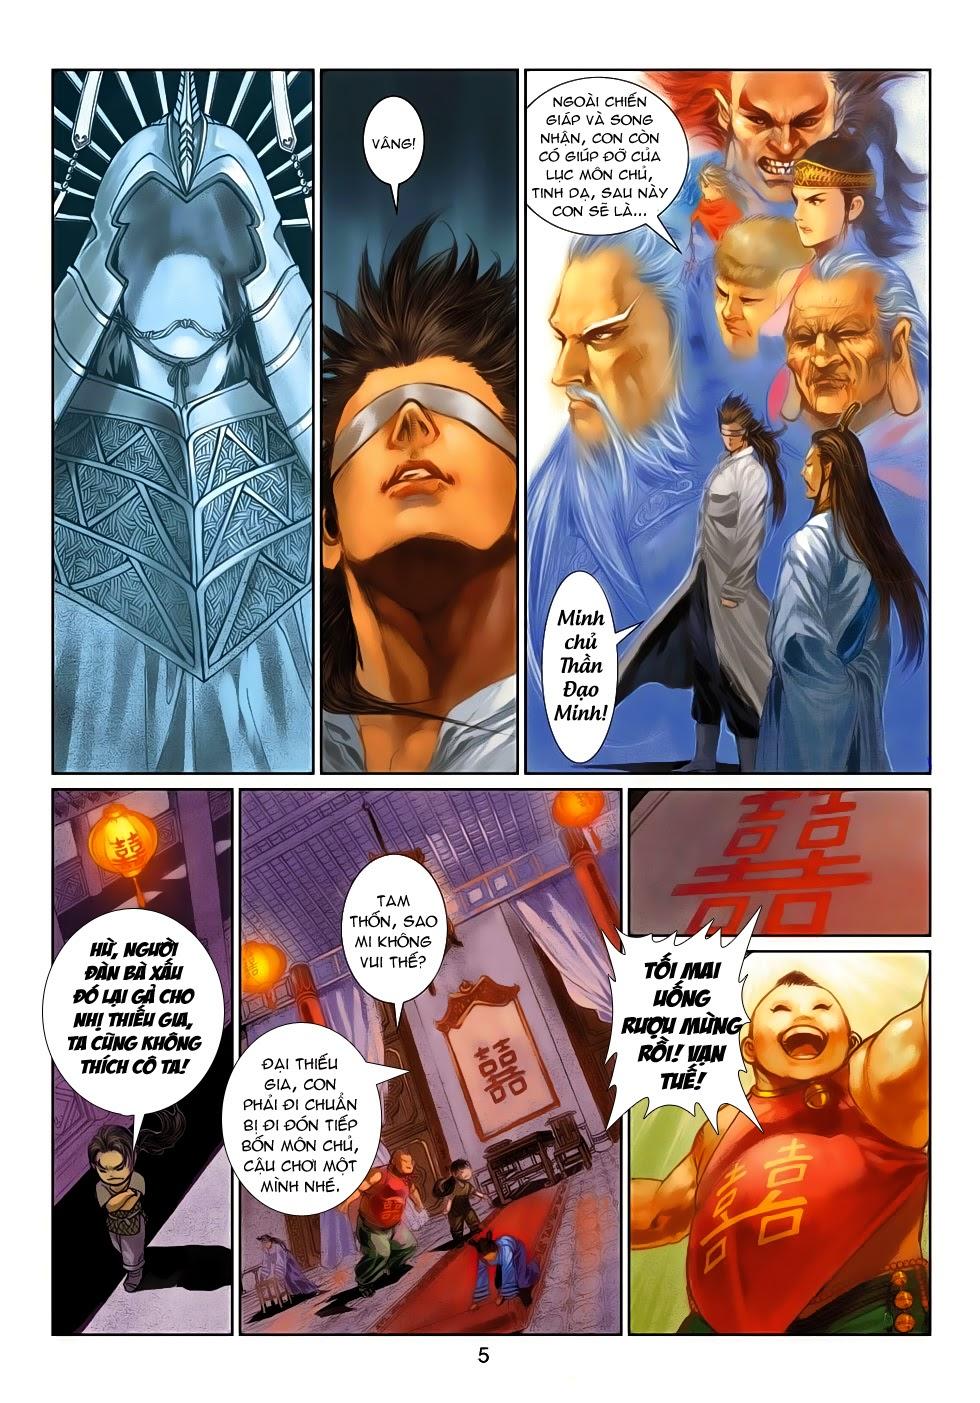 Thần Binh Tiền Truyện 4 - Huyền Thiên Tà Đế chap 10 - Trang 5